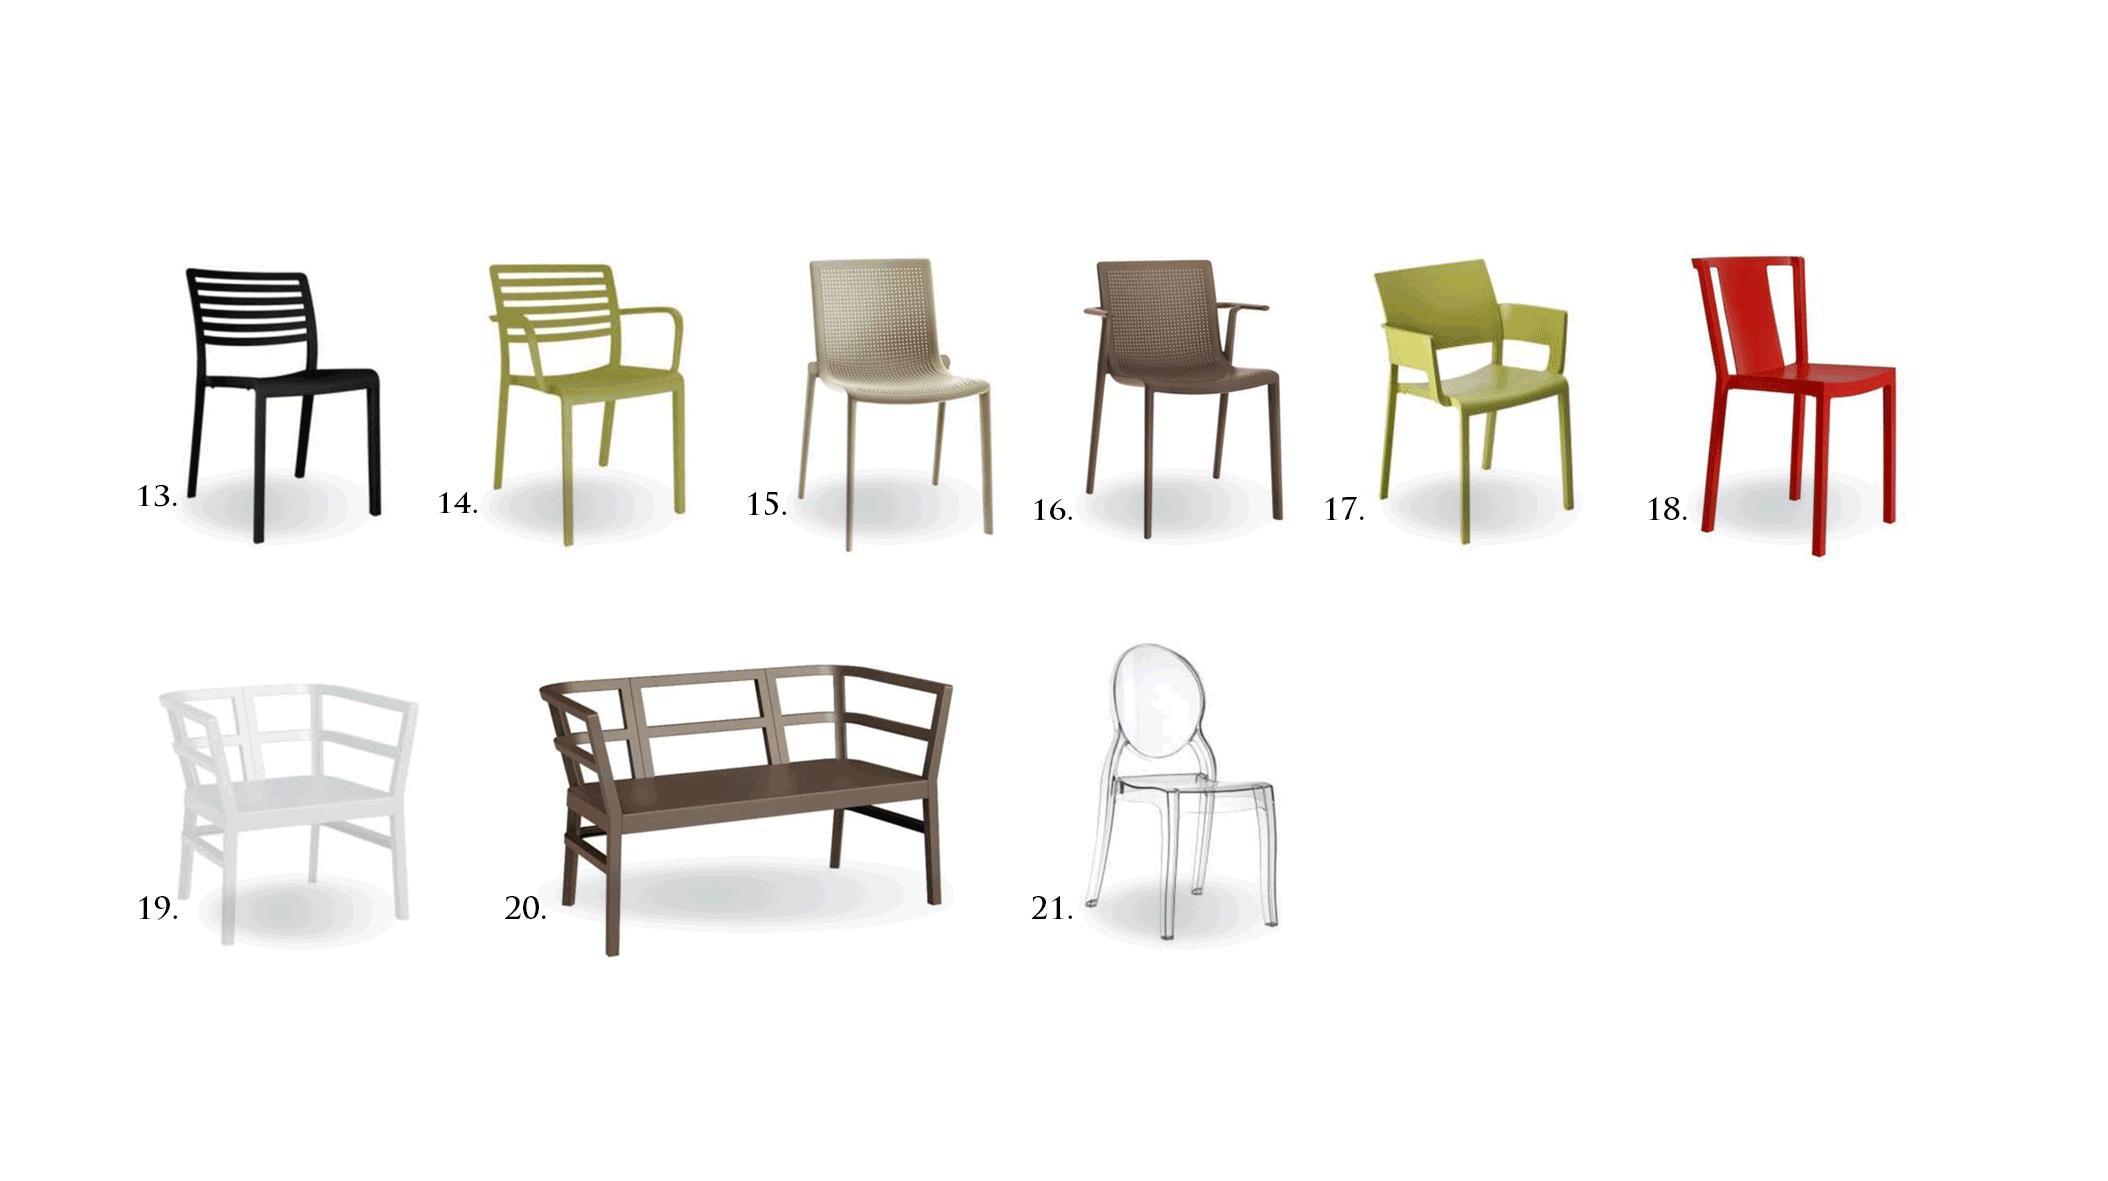 Delaneys-Outdoor-Furniture-Outdoor21-2108x1181.png